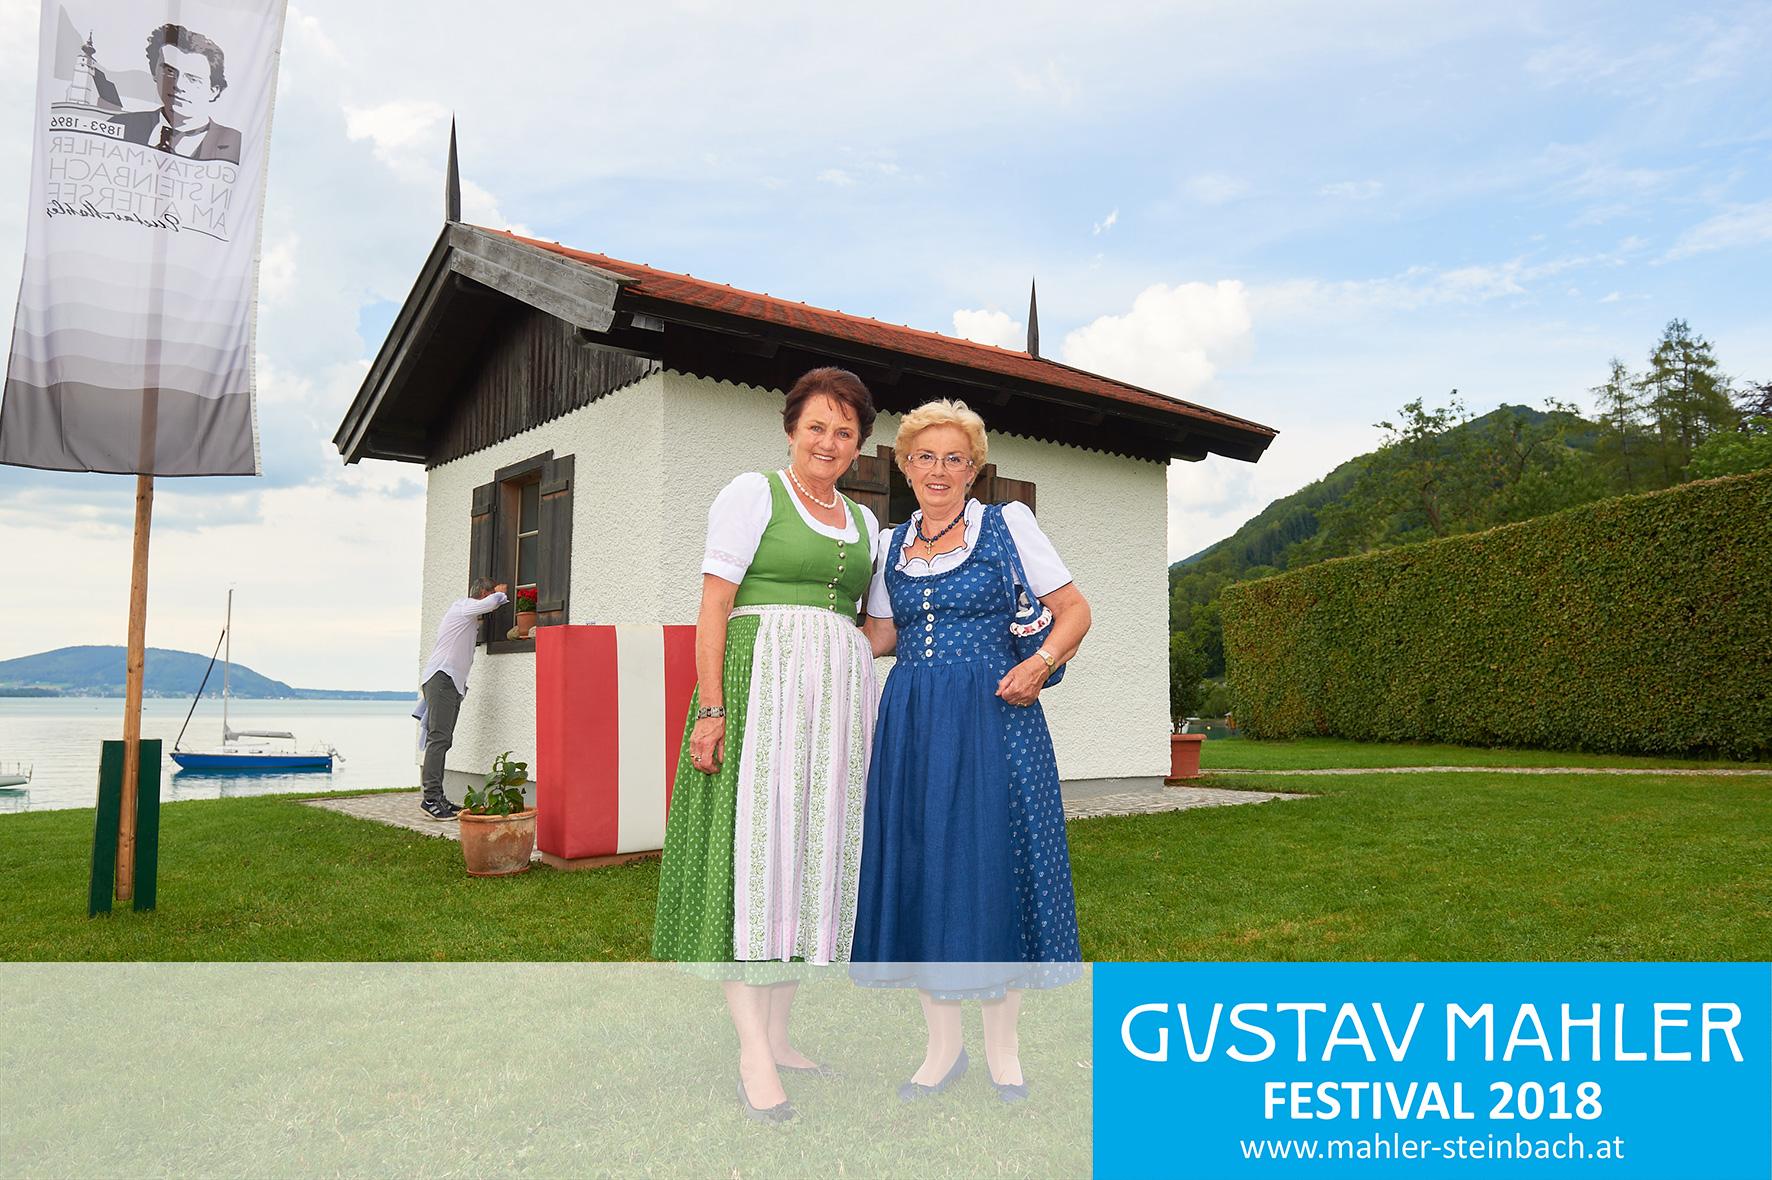 3. Gustav Mahler Festival Steinbach